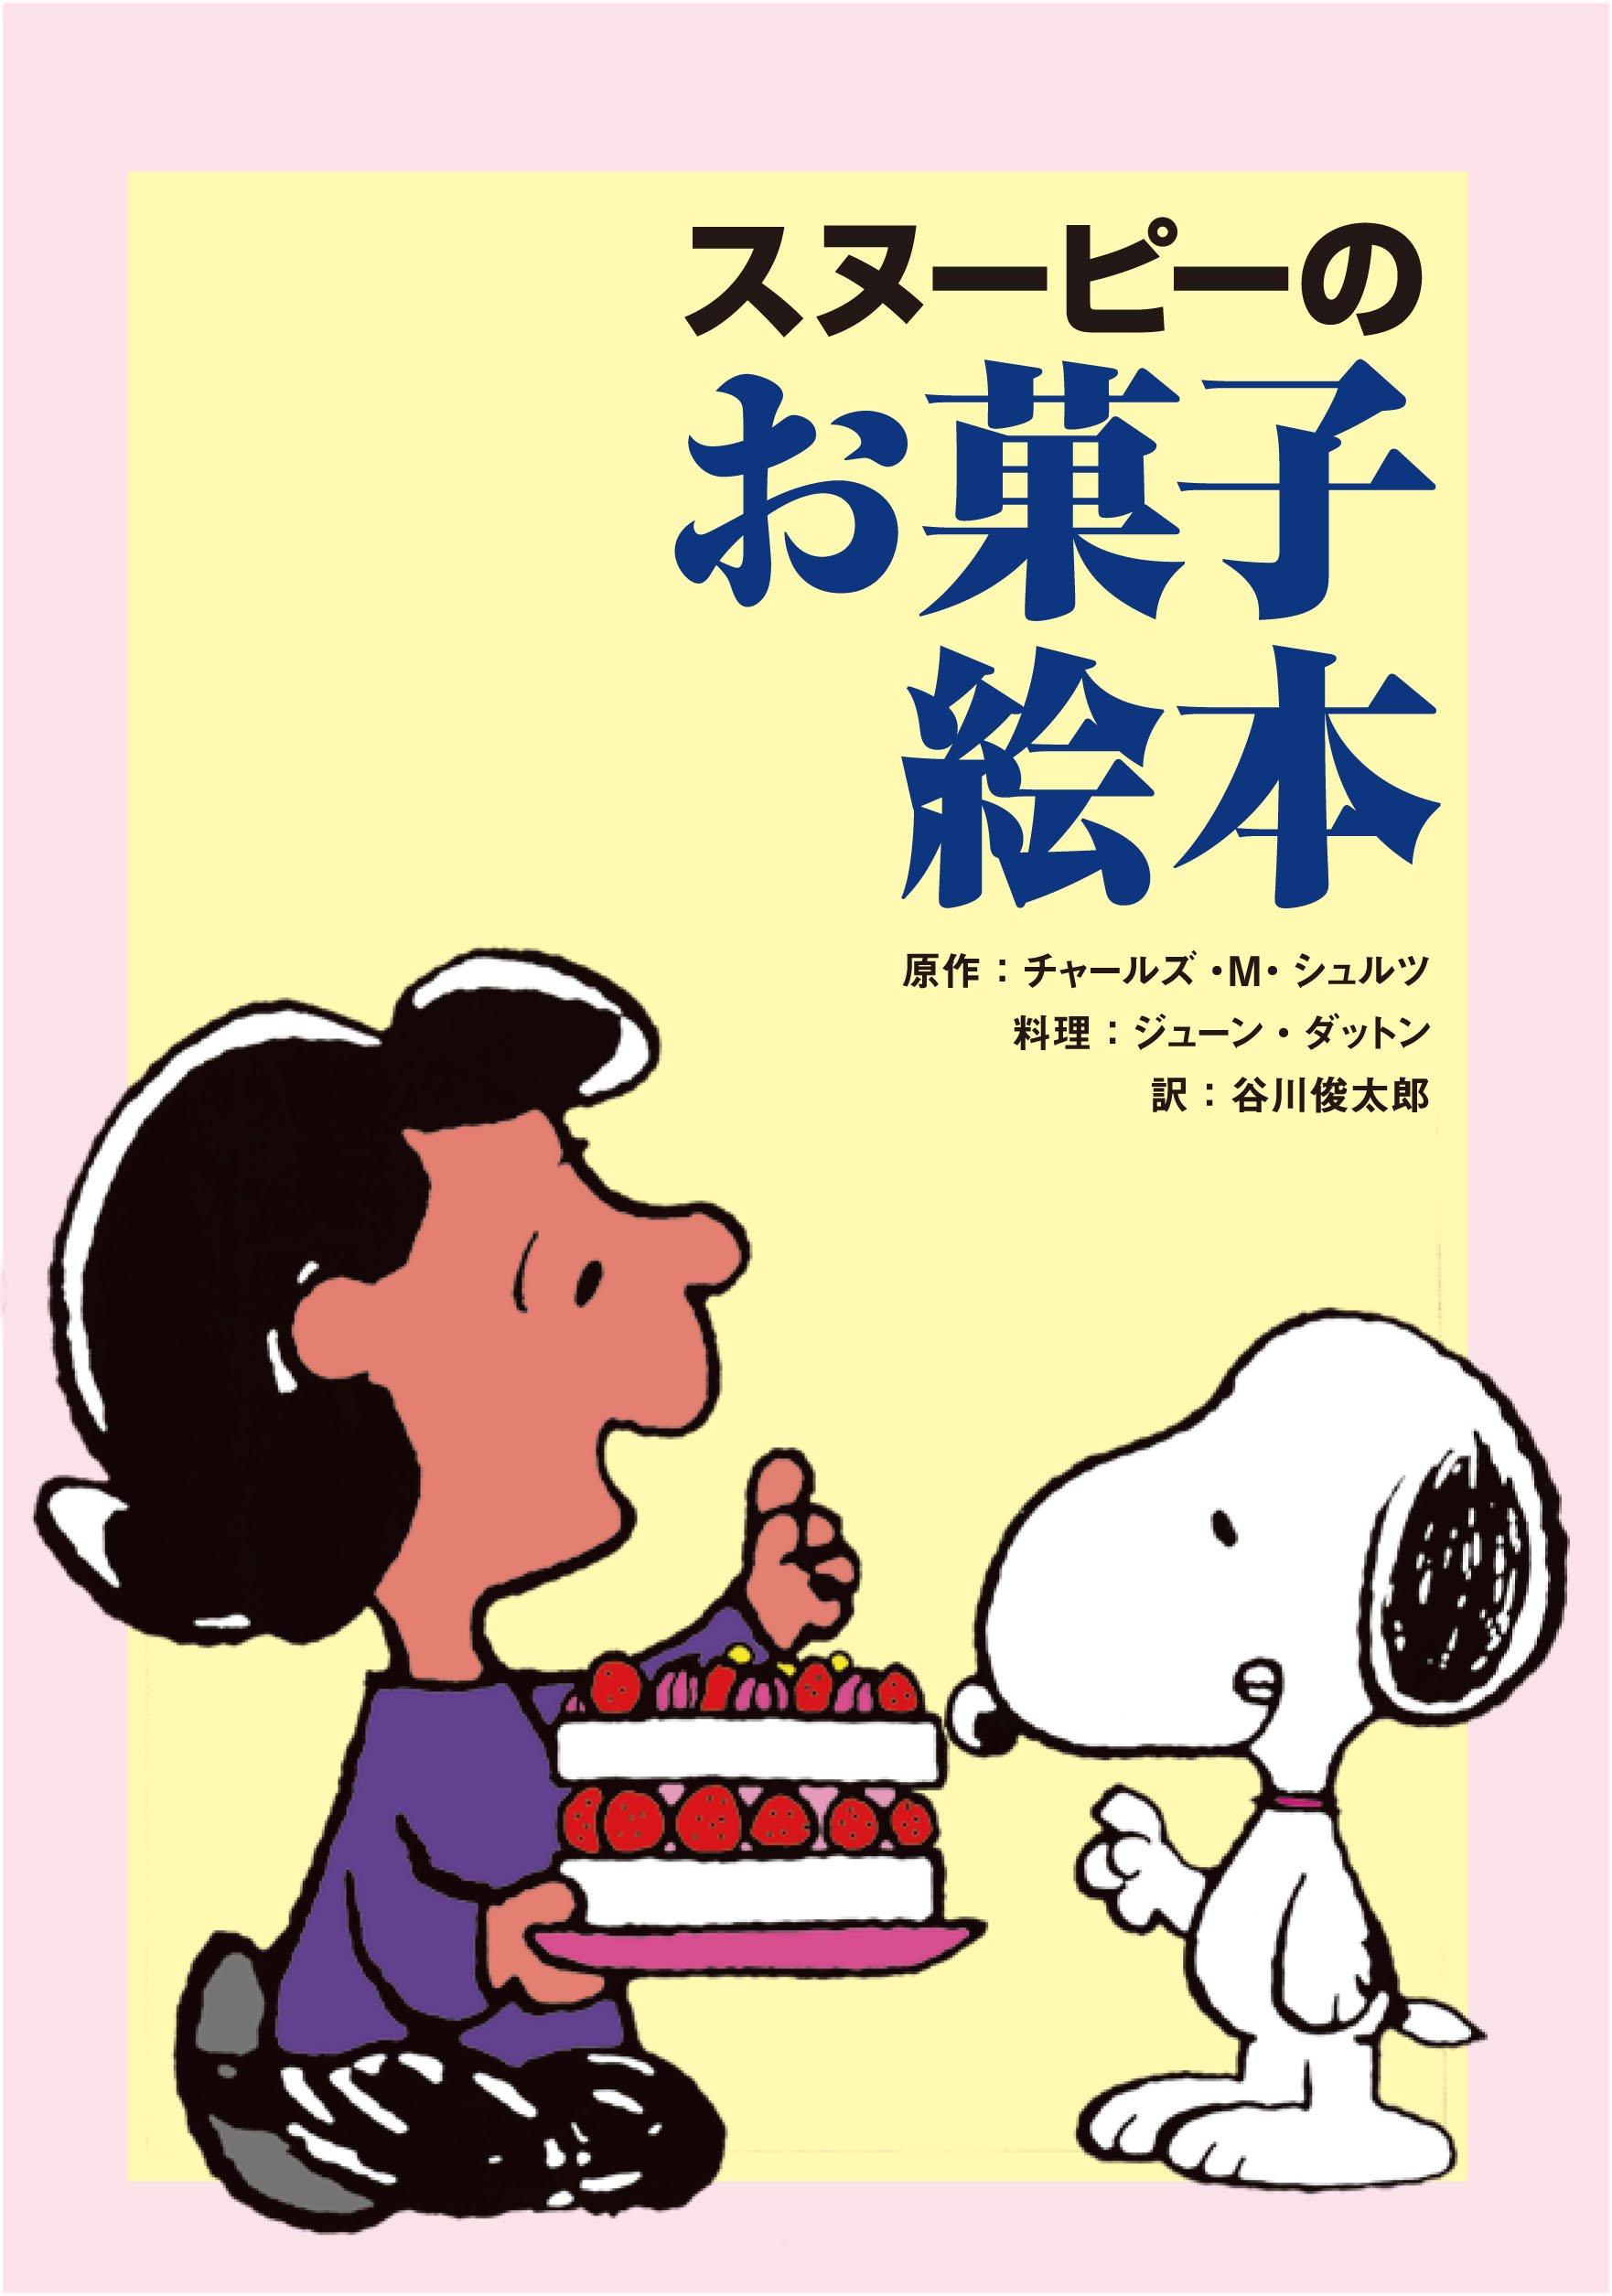 『スヌーピーのお菓子絵本』